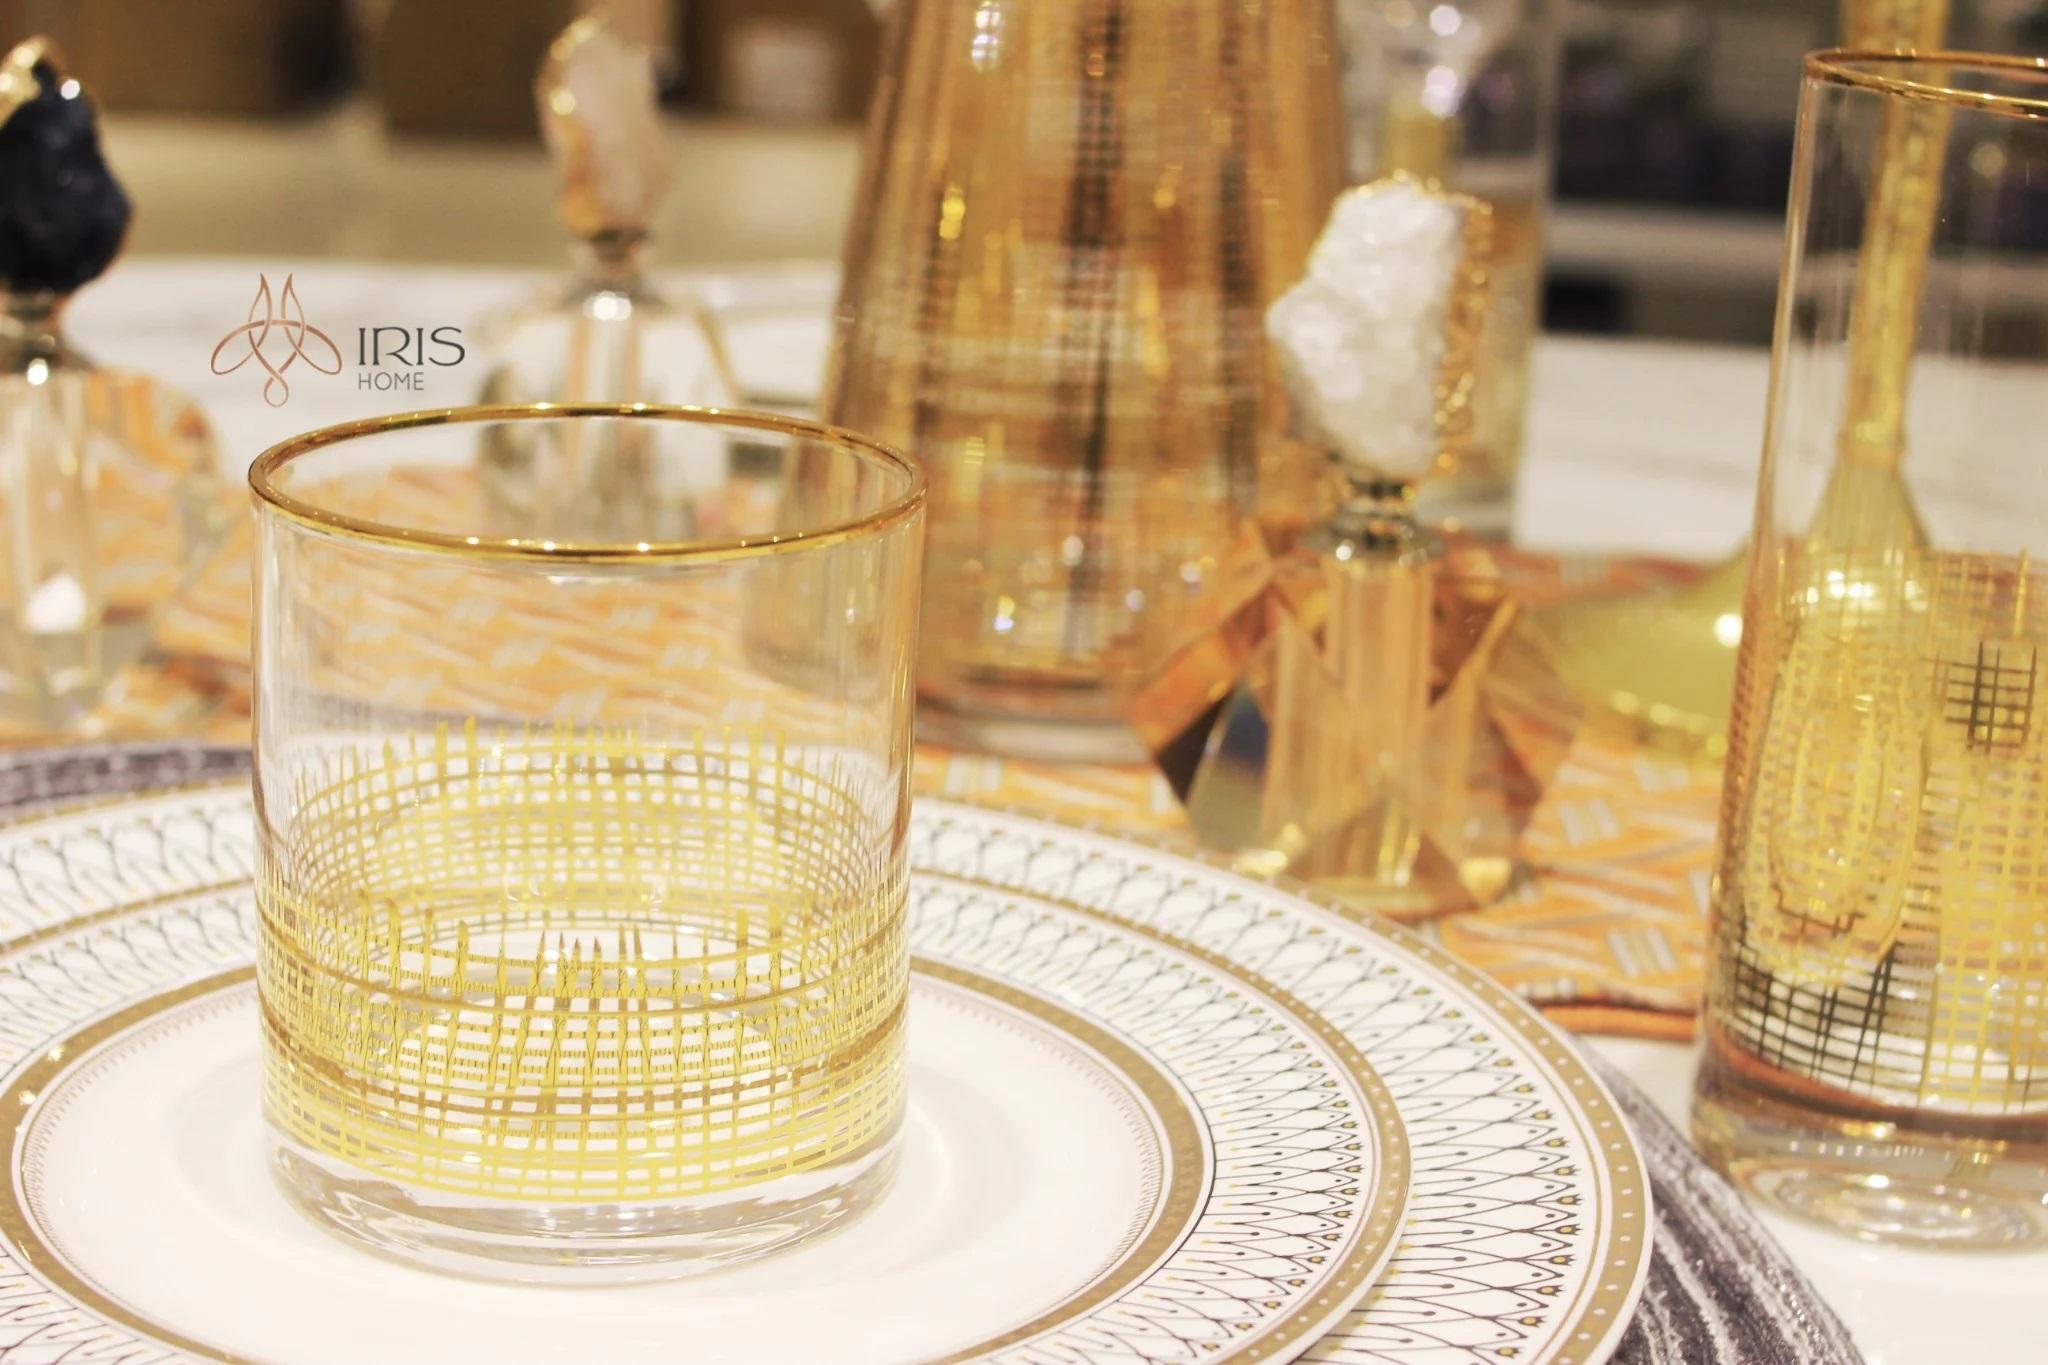 Bỏ 200k sắm cốc mạ vàng để uống miếng nước cũng sang như bà Phương Hằng chủ Đại Nam - Ảnh 3.